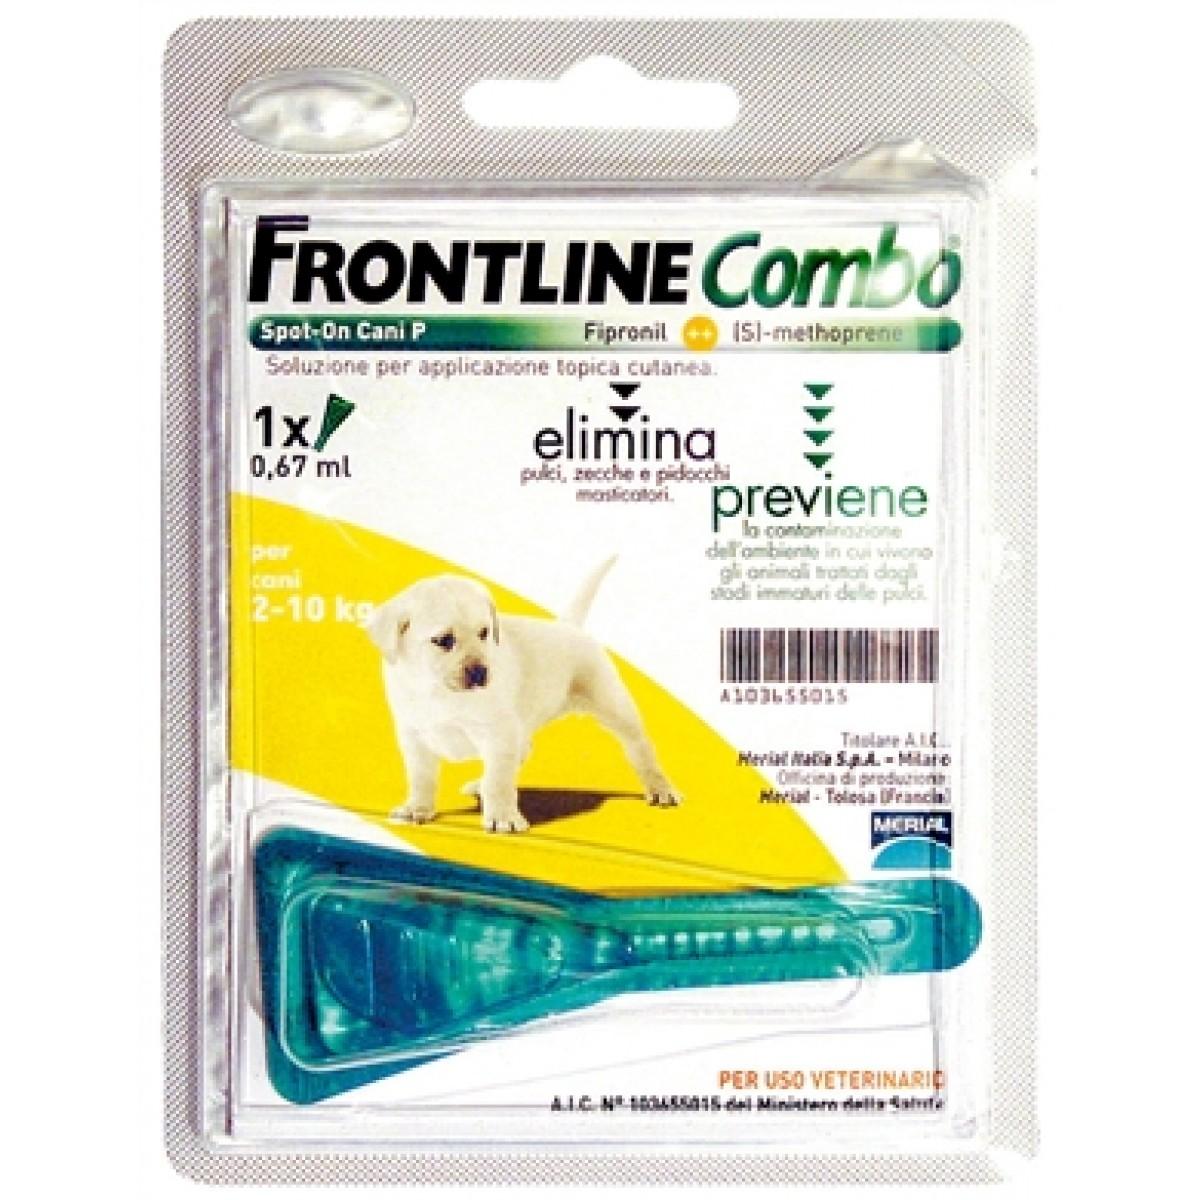 Frontline combo cucciolo cane 2-10Kg 1 pipetta